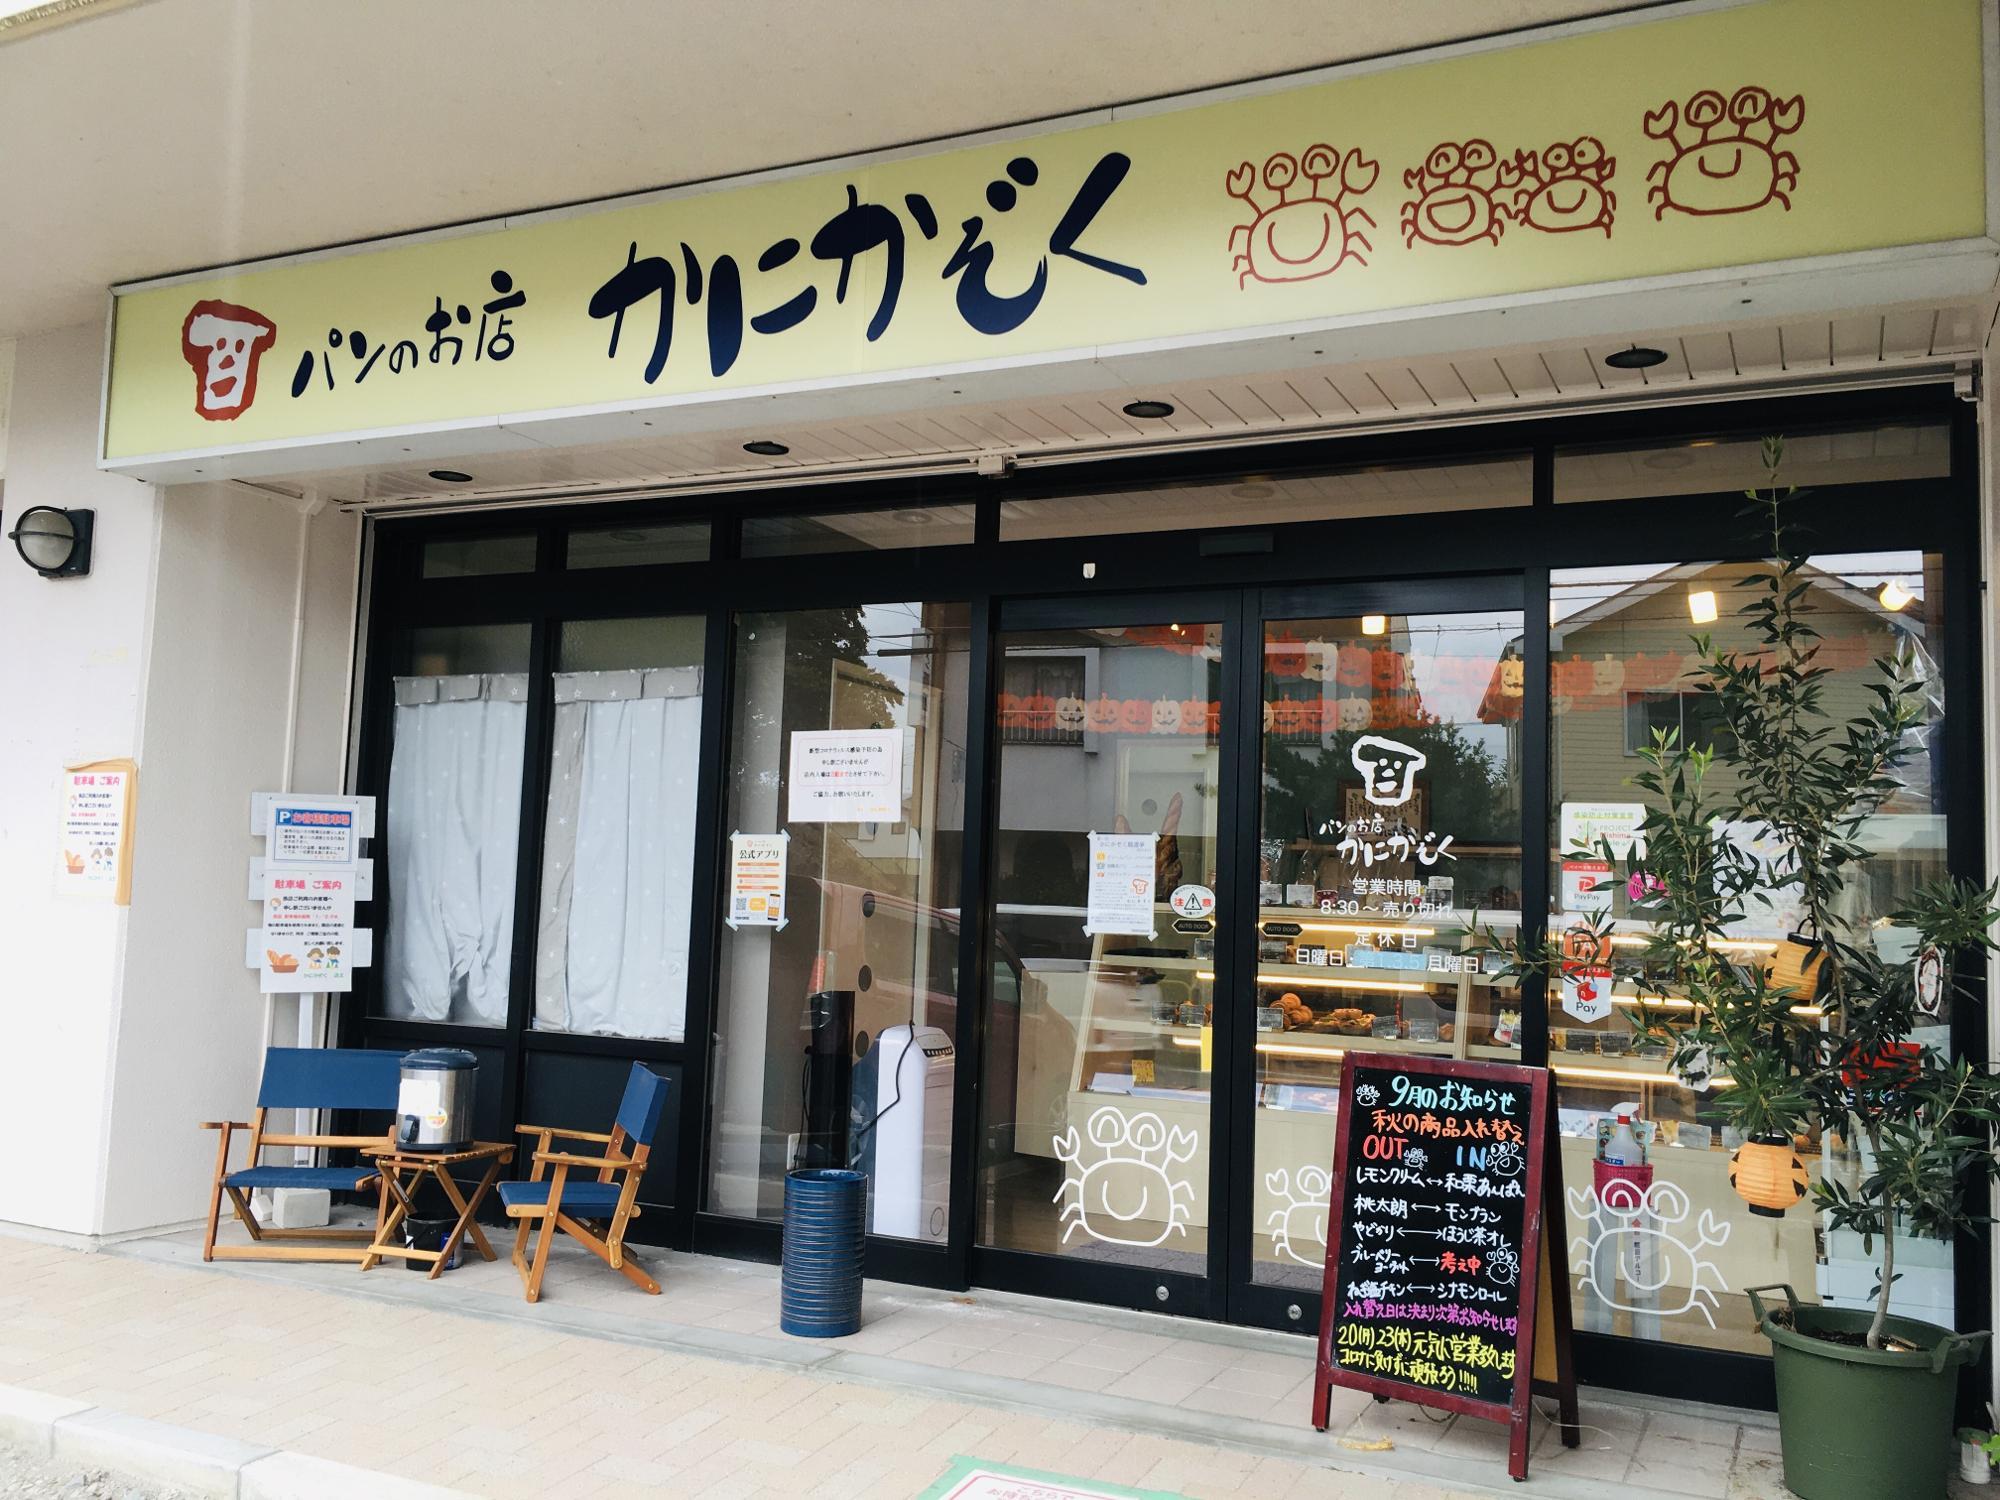 三島市谷田のパン屋『かにかぞく』 店舗の装飾がハロウィン仕様に